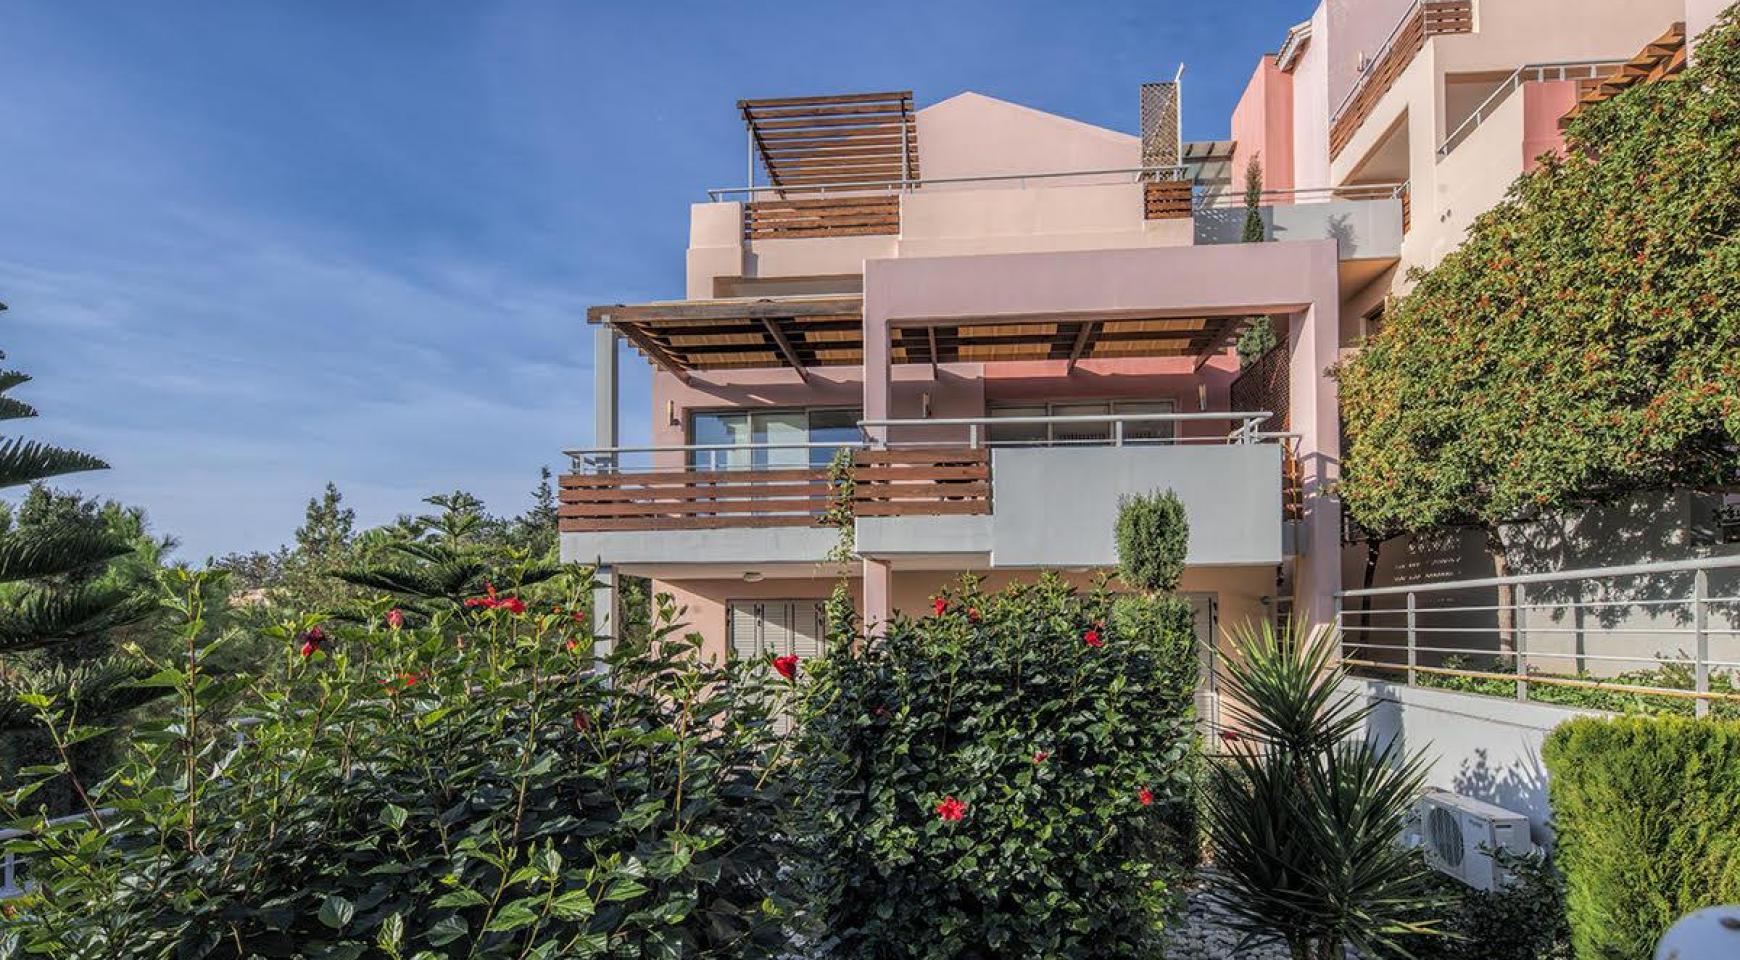 2 Bedroom Duplex Apartment in a Prestigious Complex near the Sea - 19